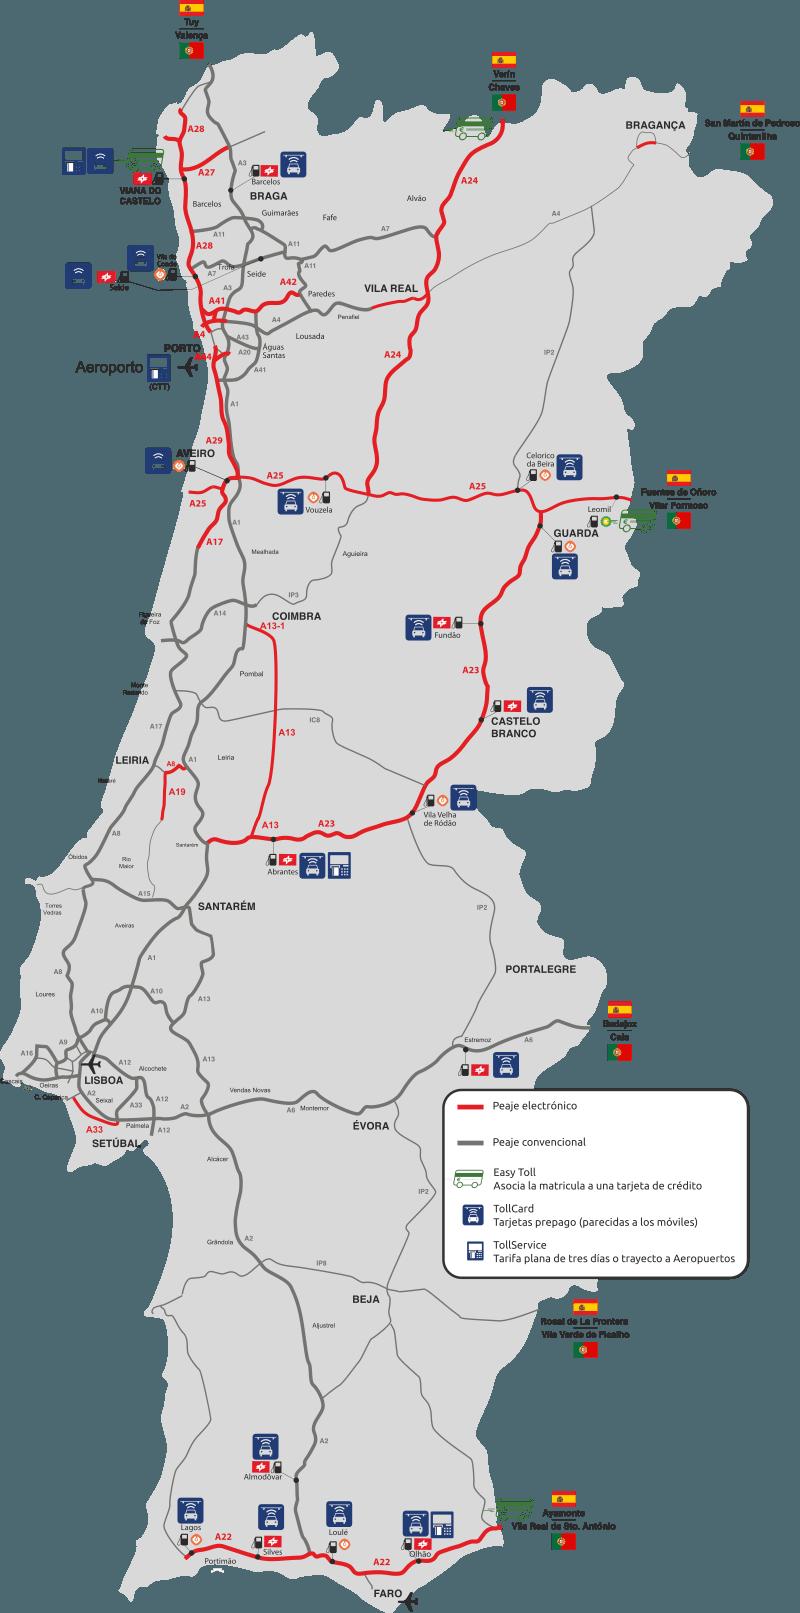 Mapa de peajes en Portugal